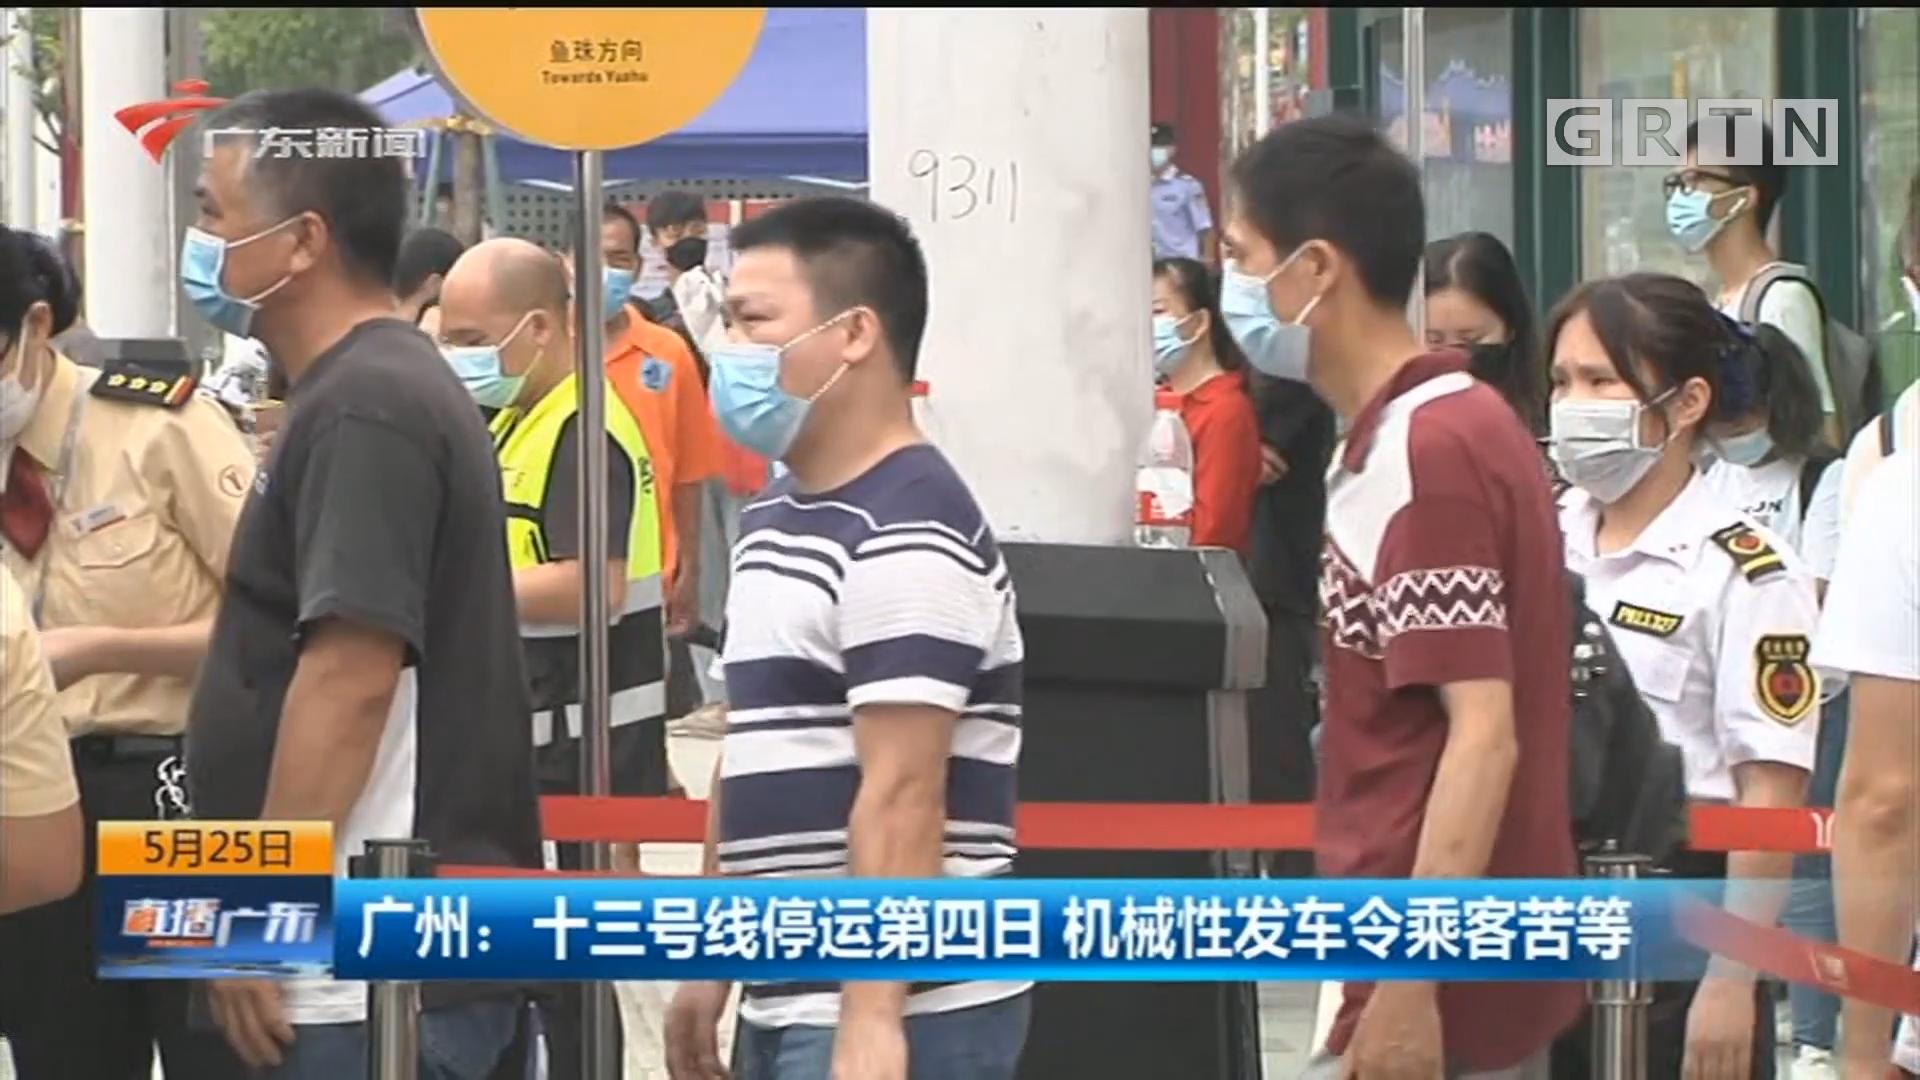 广州:十三号线停运第四日 机械性发车令乘客苦等